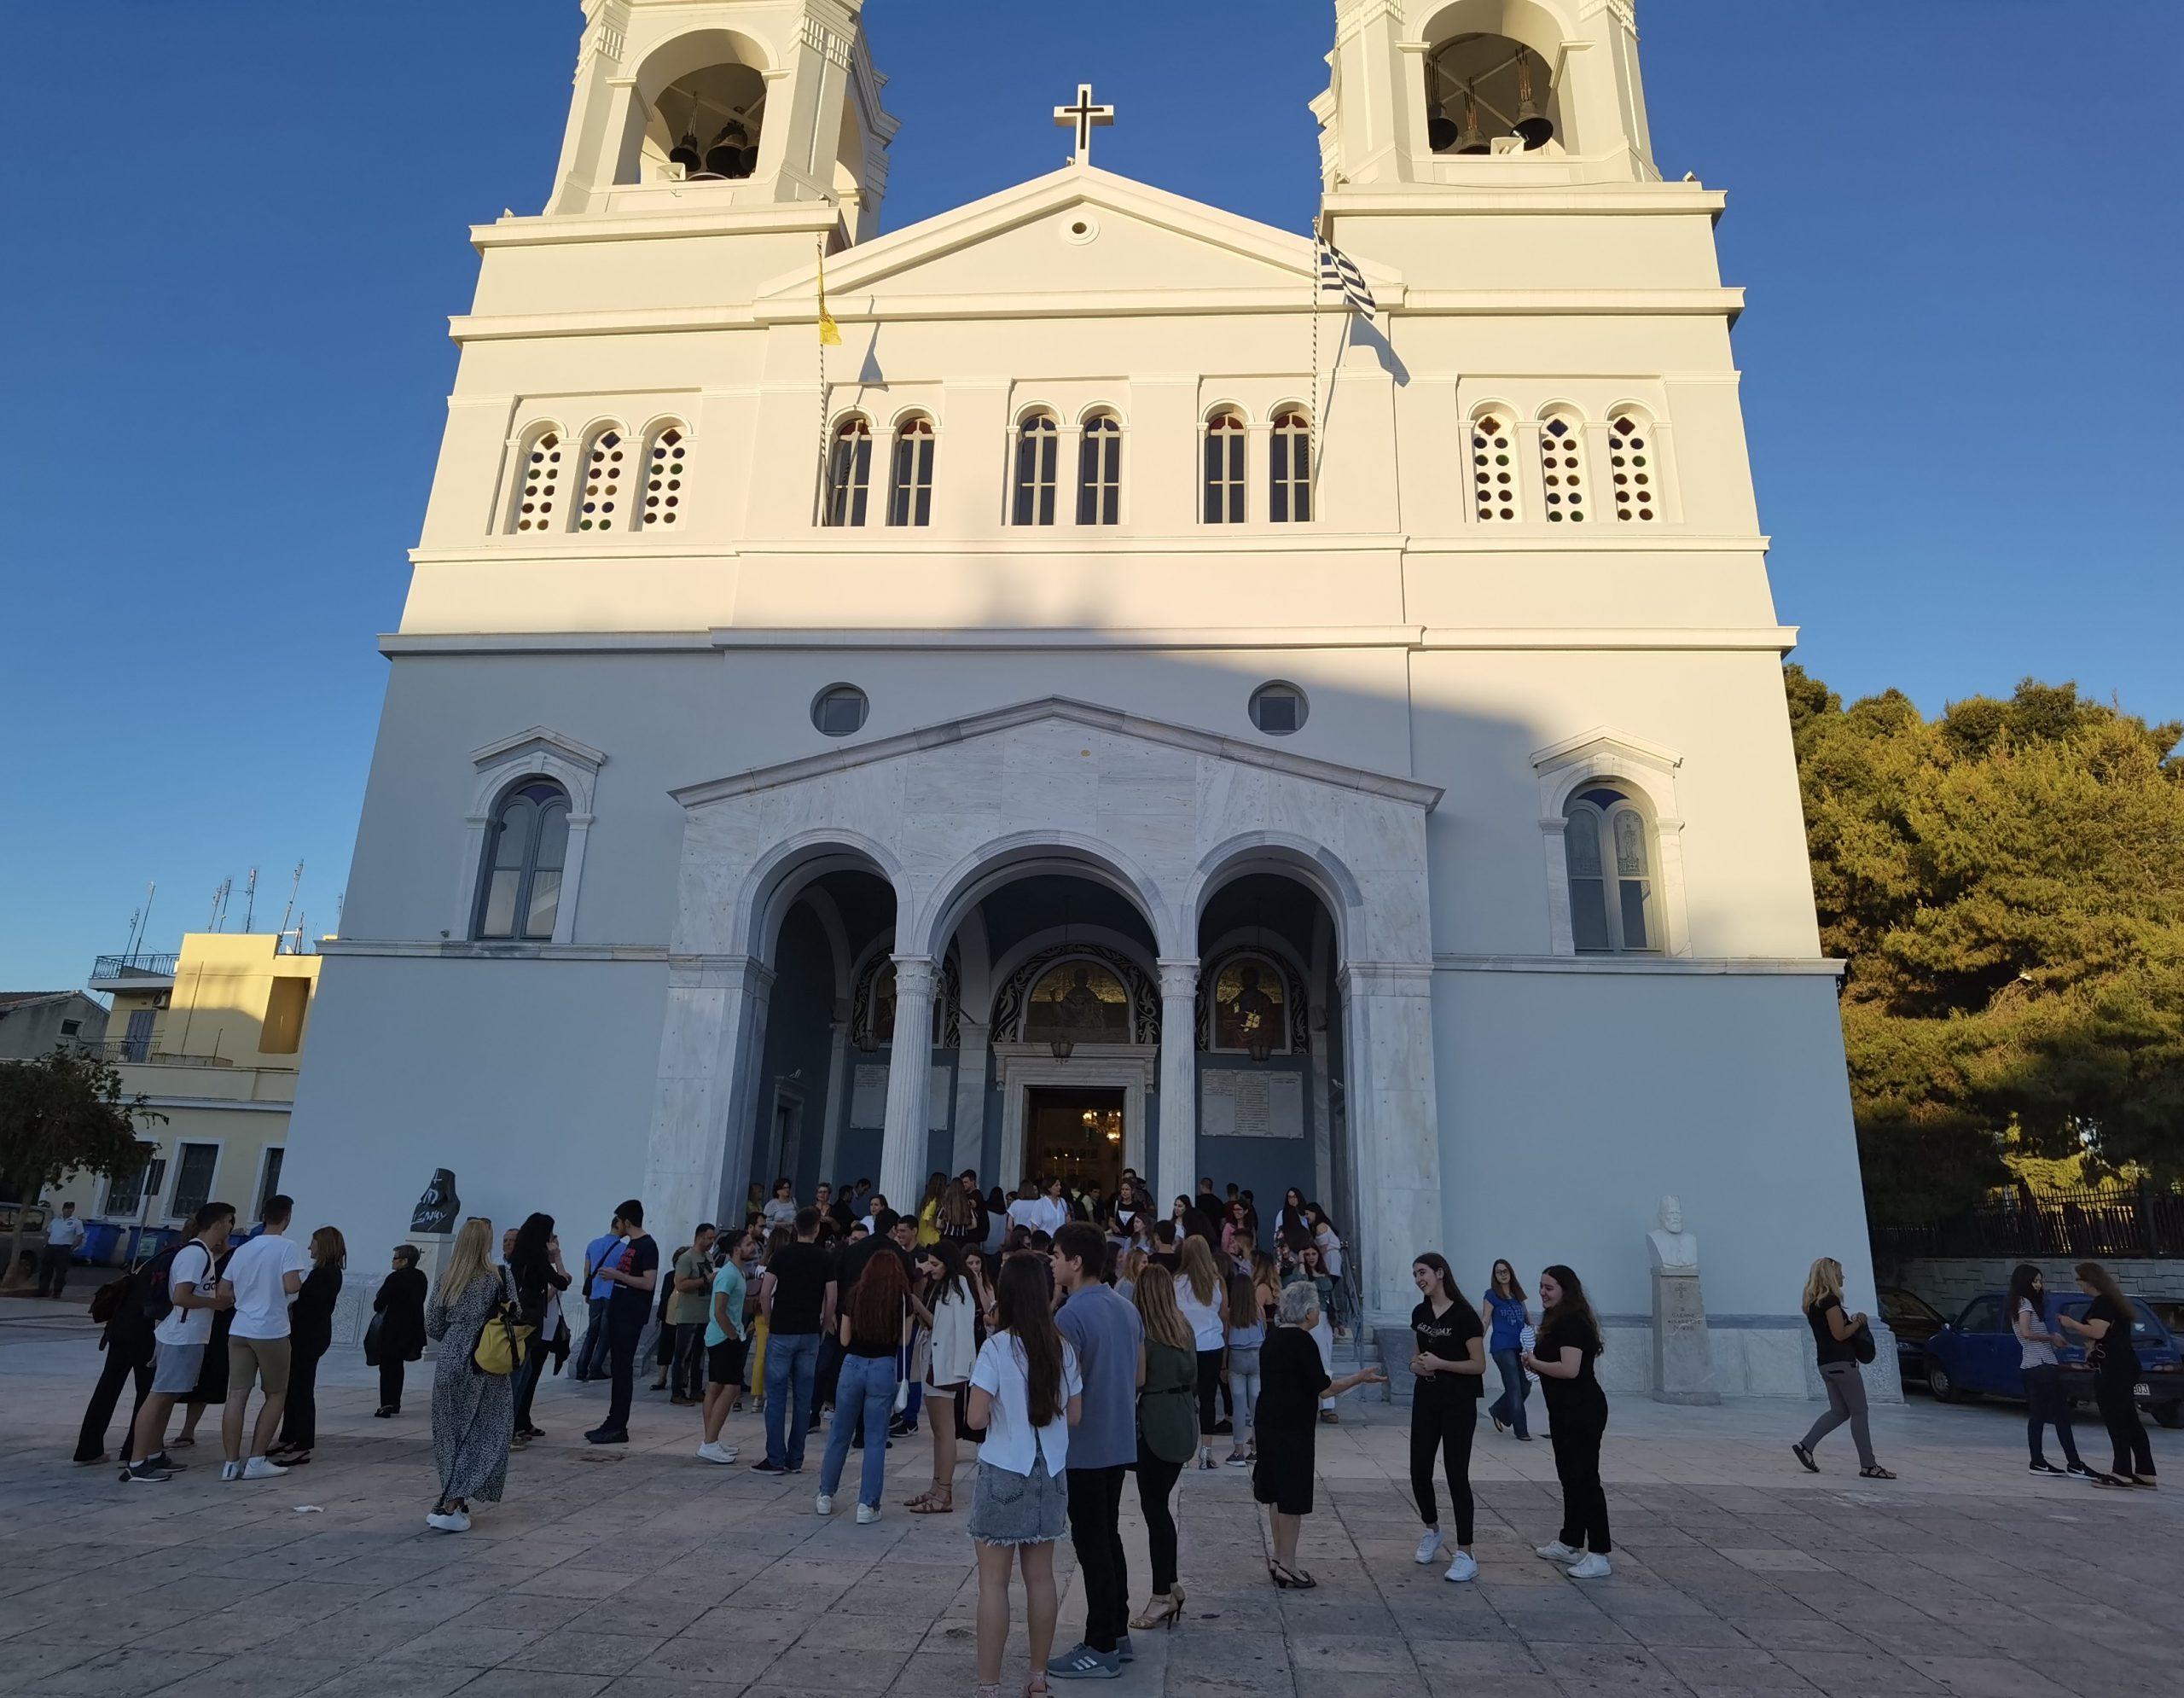 Πύργος: Πραγματοποιήθηκε η Ιερή Παράκληση για τους υποψηφίους των Πανελλαδικών εξετάσεων, στον Μητροπολιτικό Ναό Πύργου (photos)